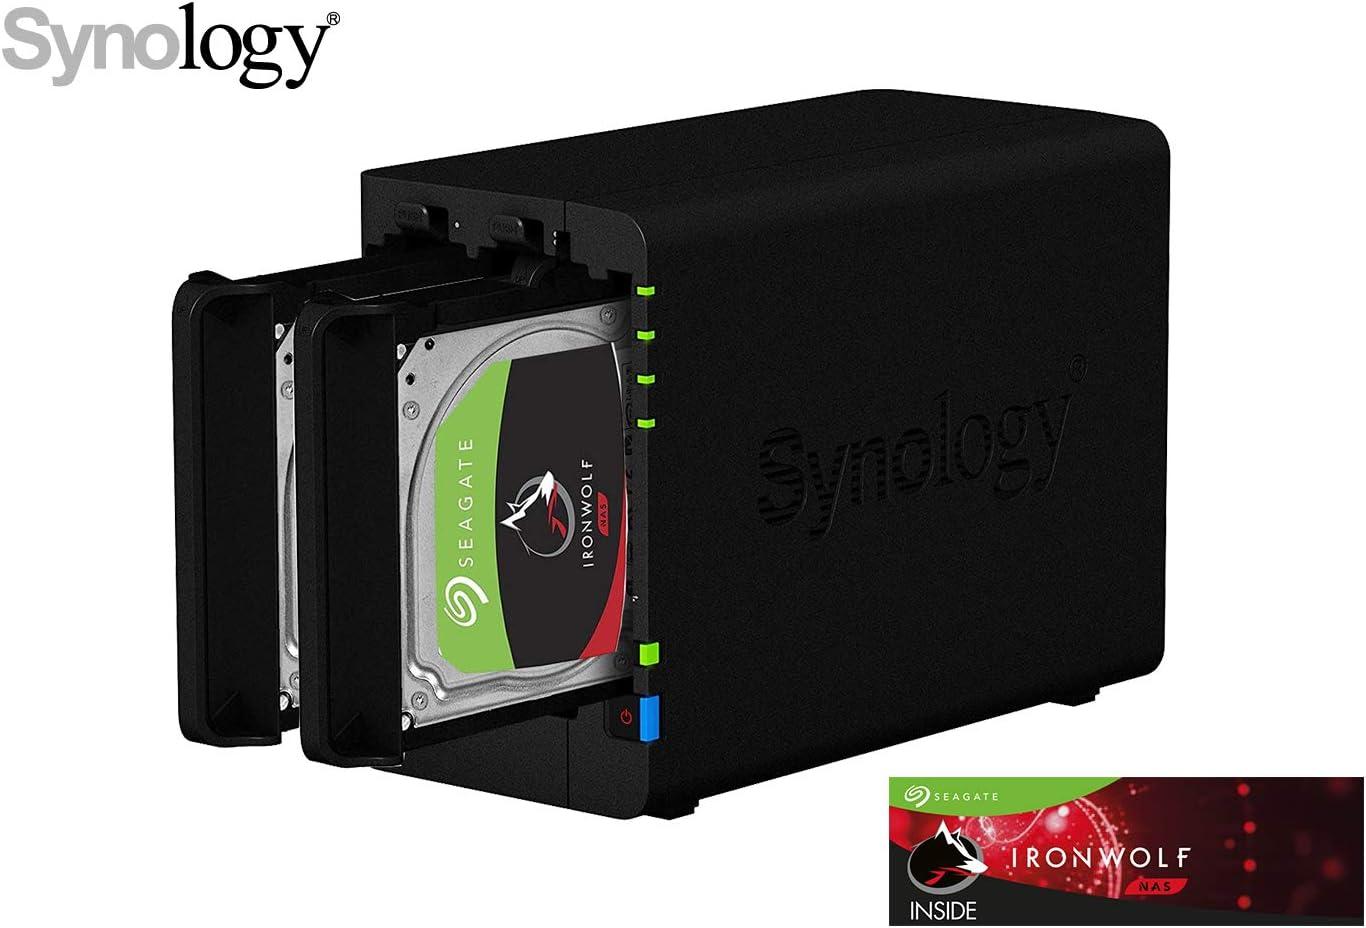 Synology Ds218 6 Gb Nas 32 Tb Ironwolf Computer Zubehör